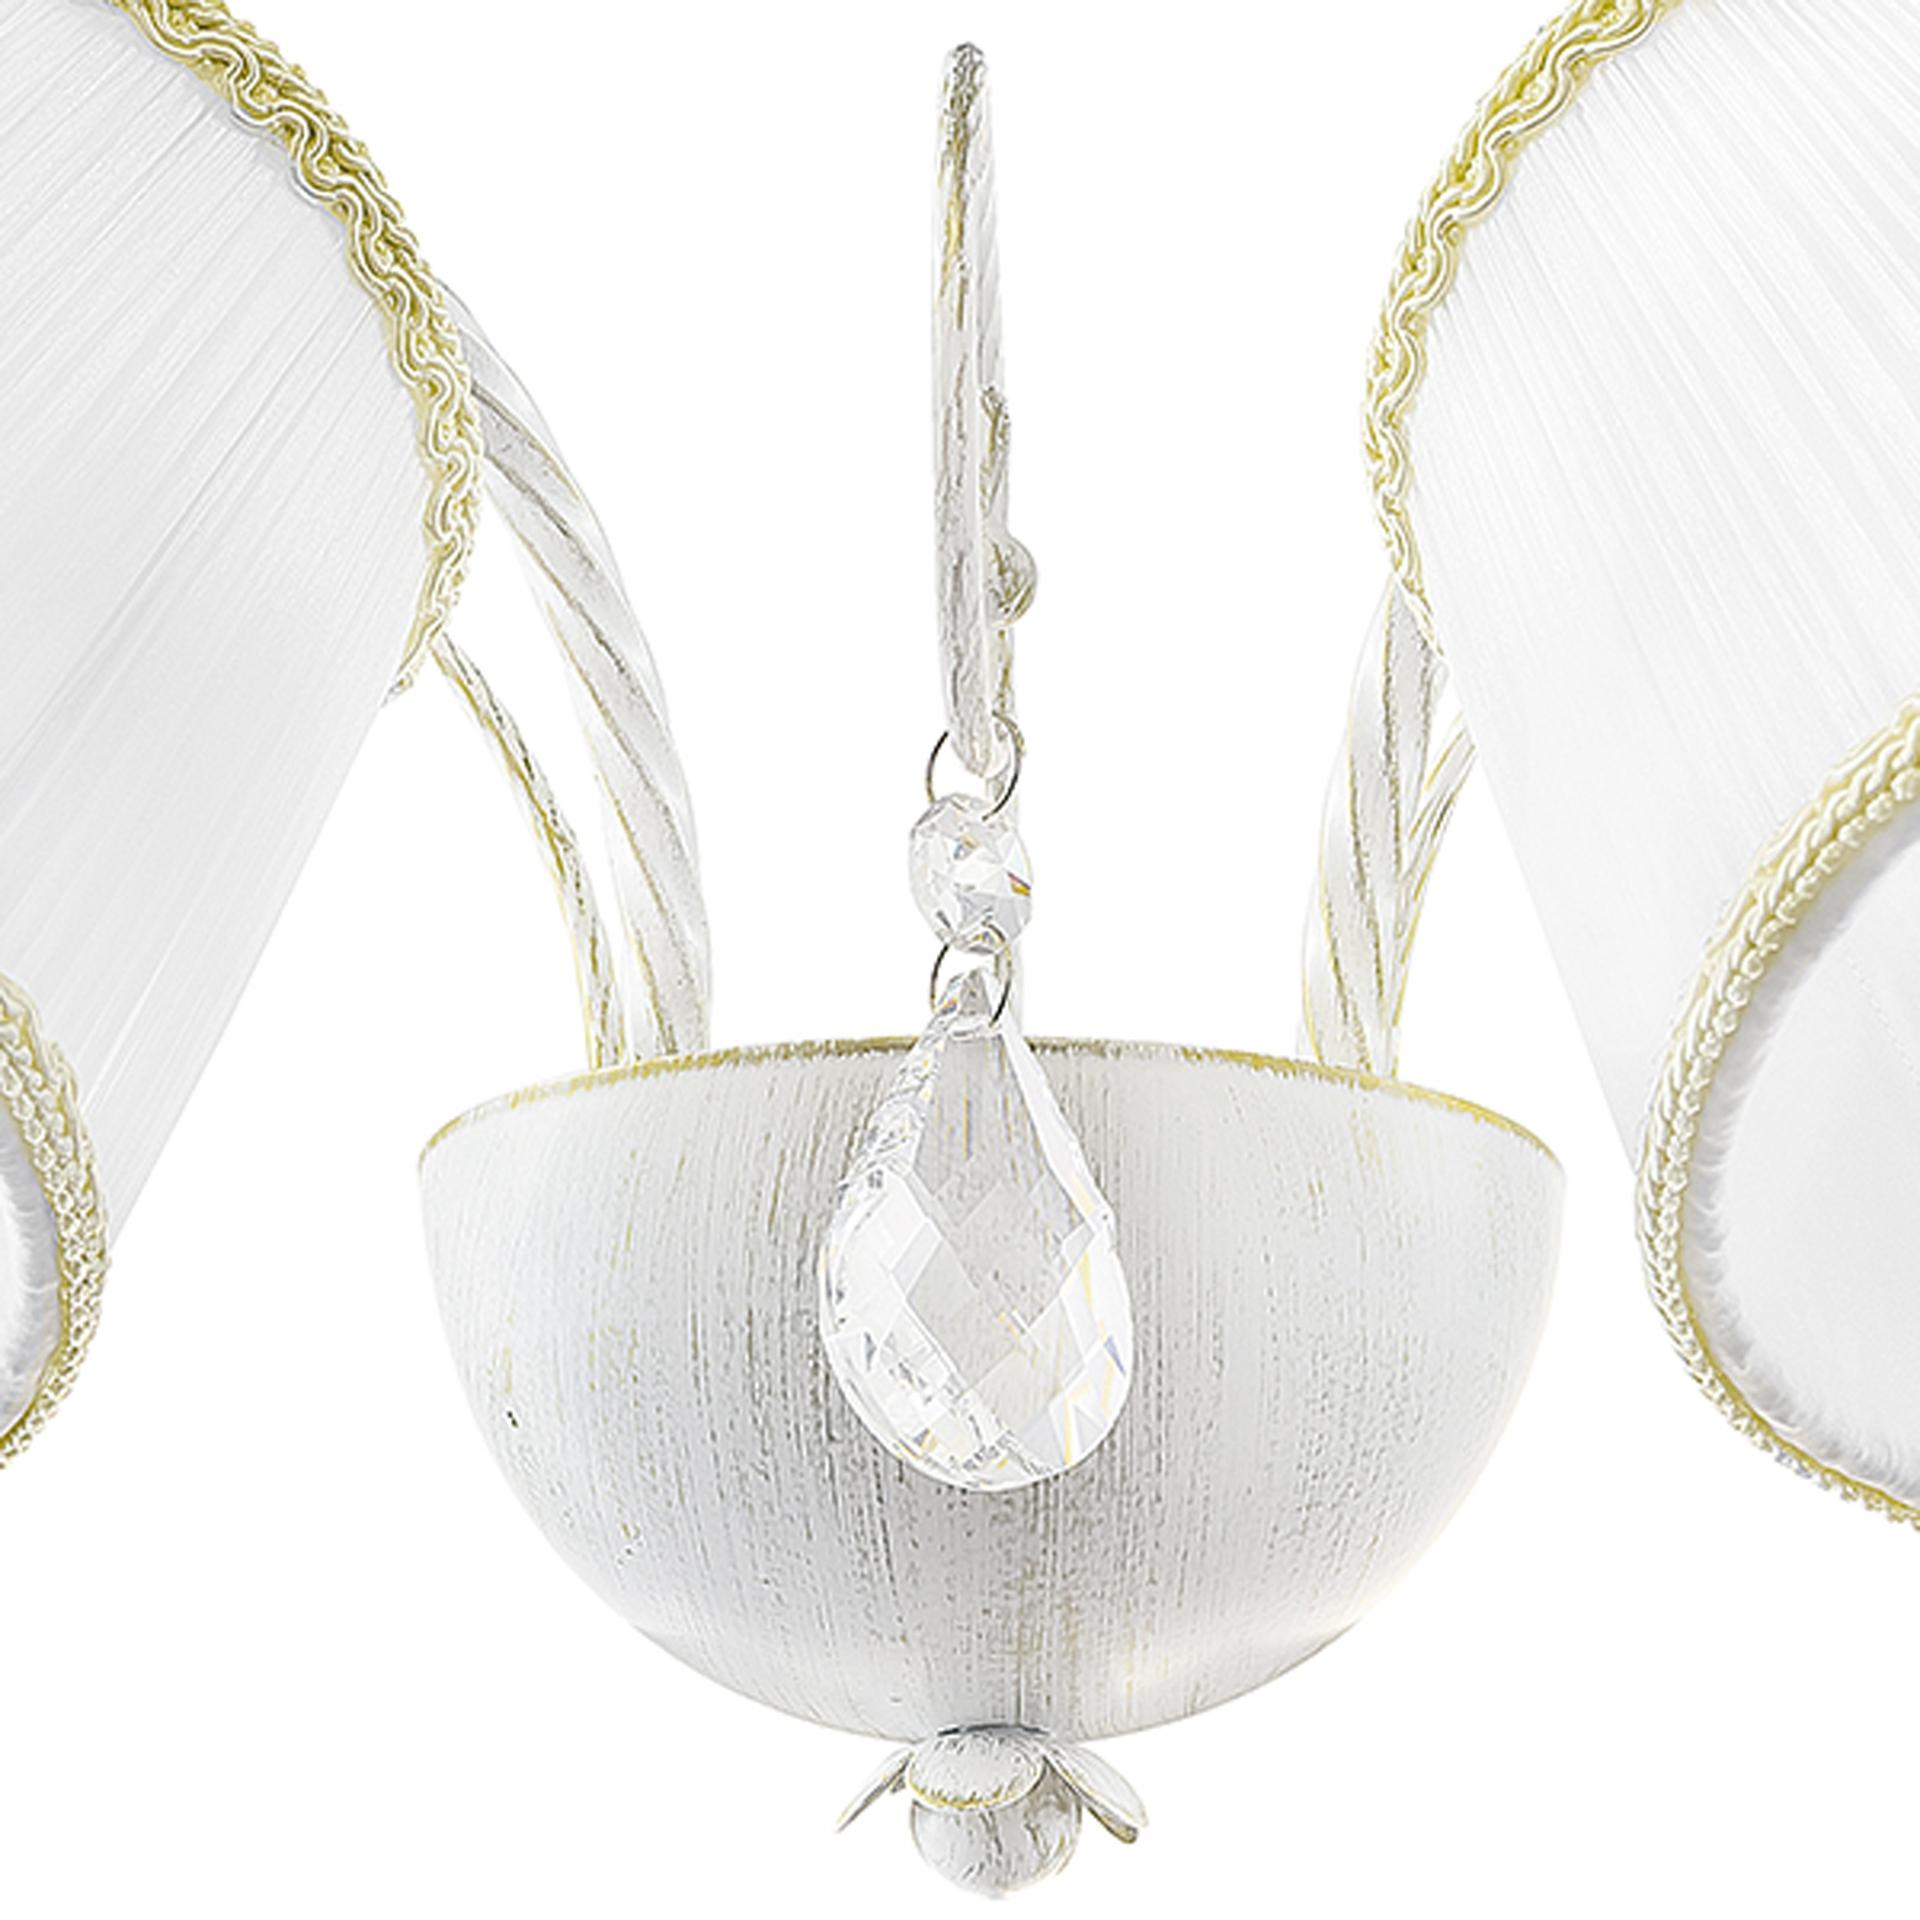 Бра Esedra Lightstar 796626, купить в СПб, Москве, с доставкой, Санкт-Петербург, интернет-магазин люстр и светильников Starlight, фото в жизни